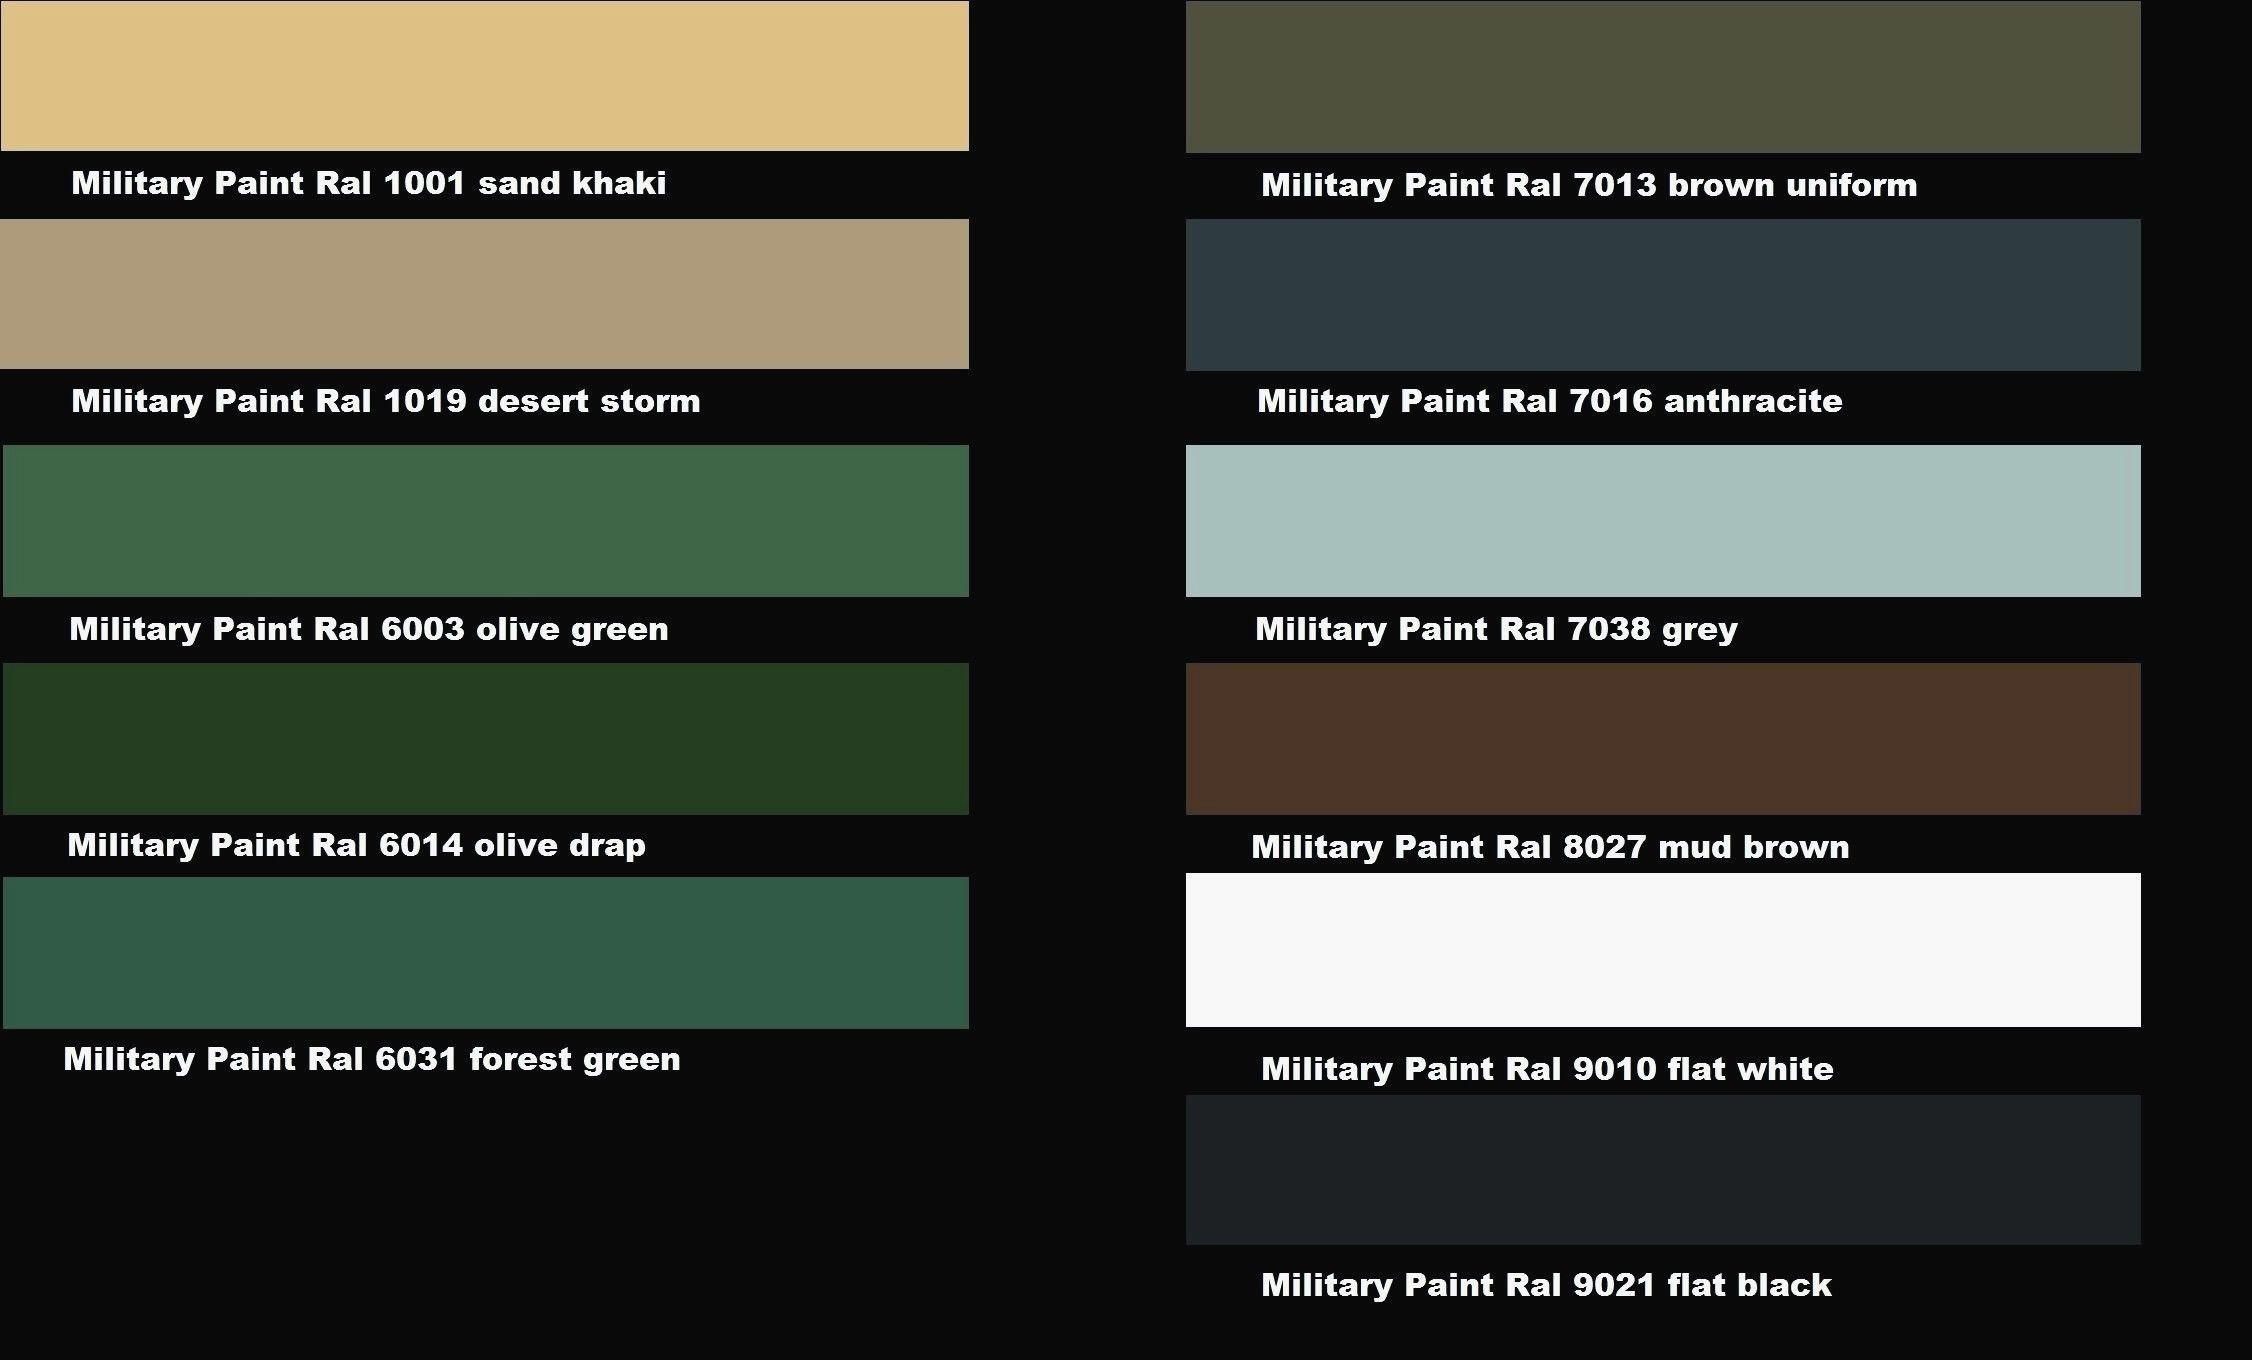 Silver Car Paint Colour Chart Suede Paint Color Chart Sherwin Williams Automotive Paint Chart Matte Car Paint In 2020 Paint Color Chart Car Paint Colors Military Paint